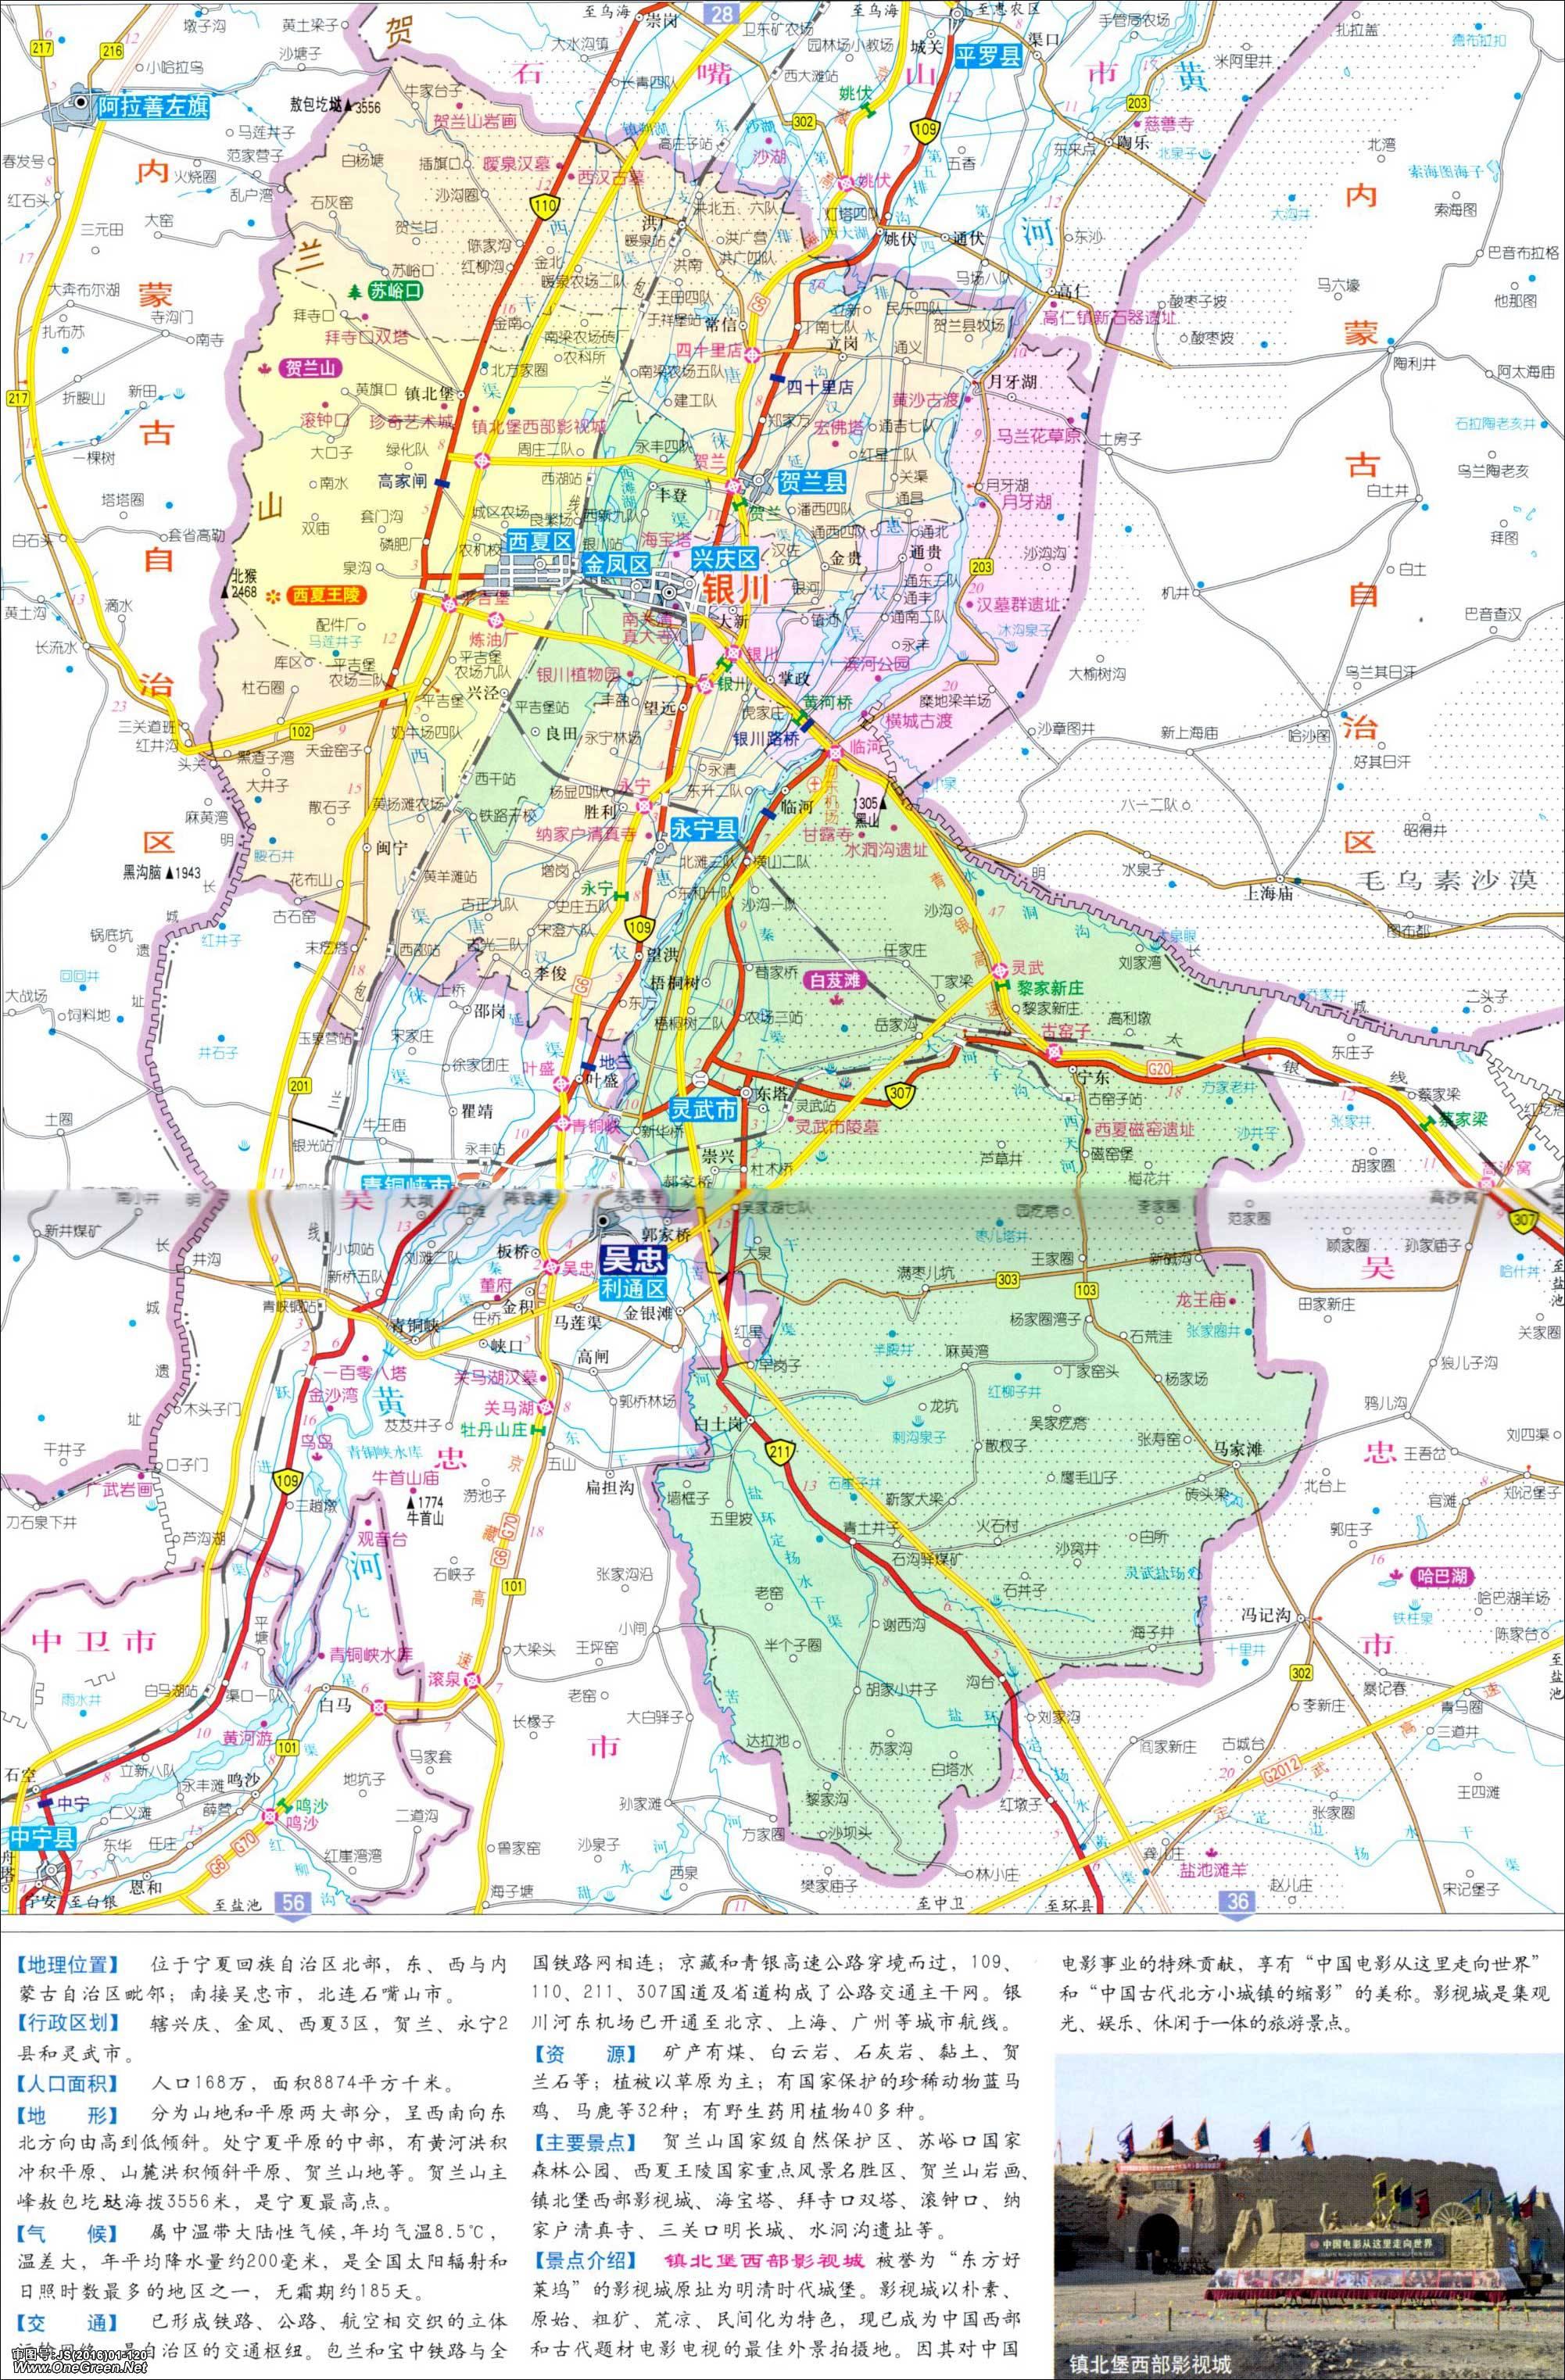 > 银川市区地图